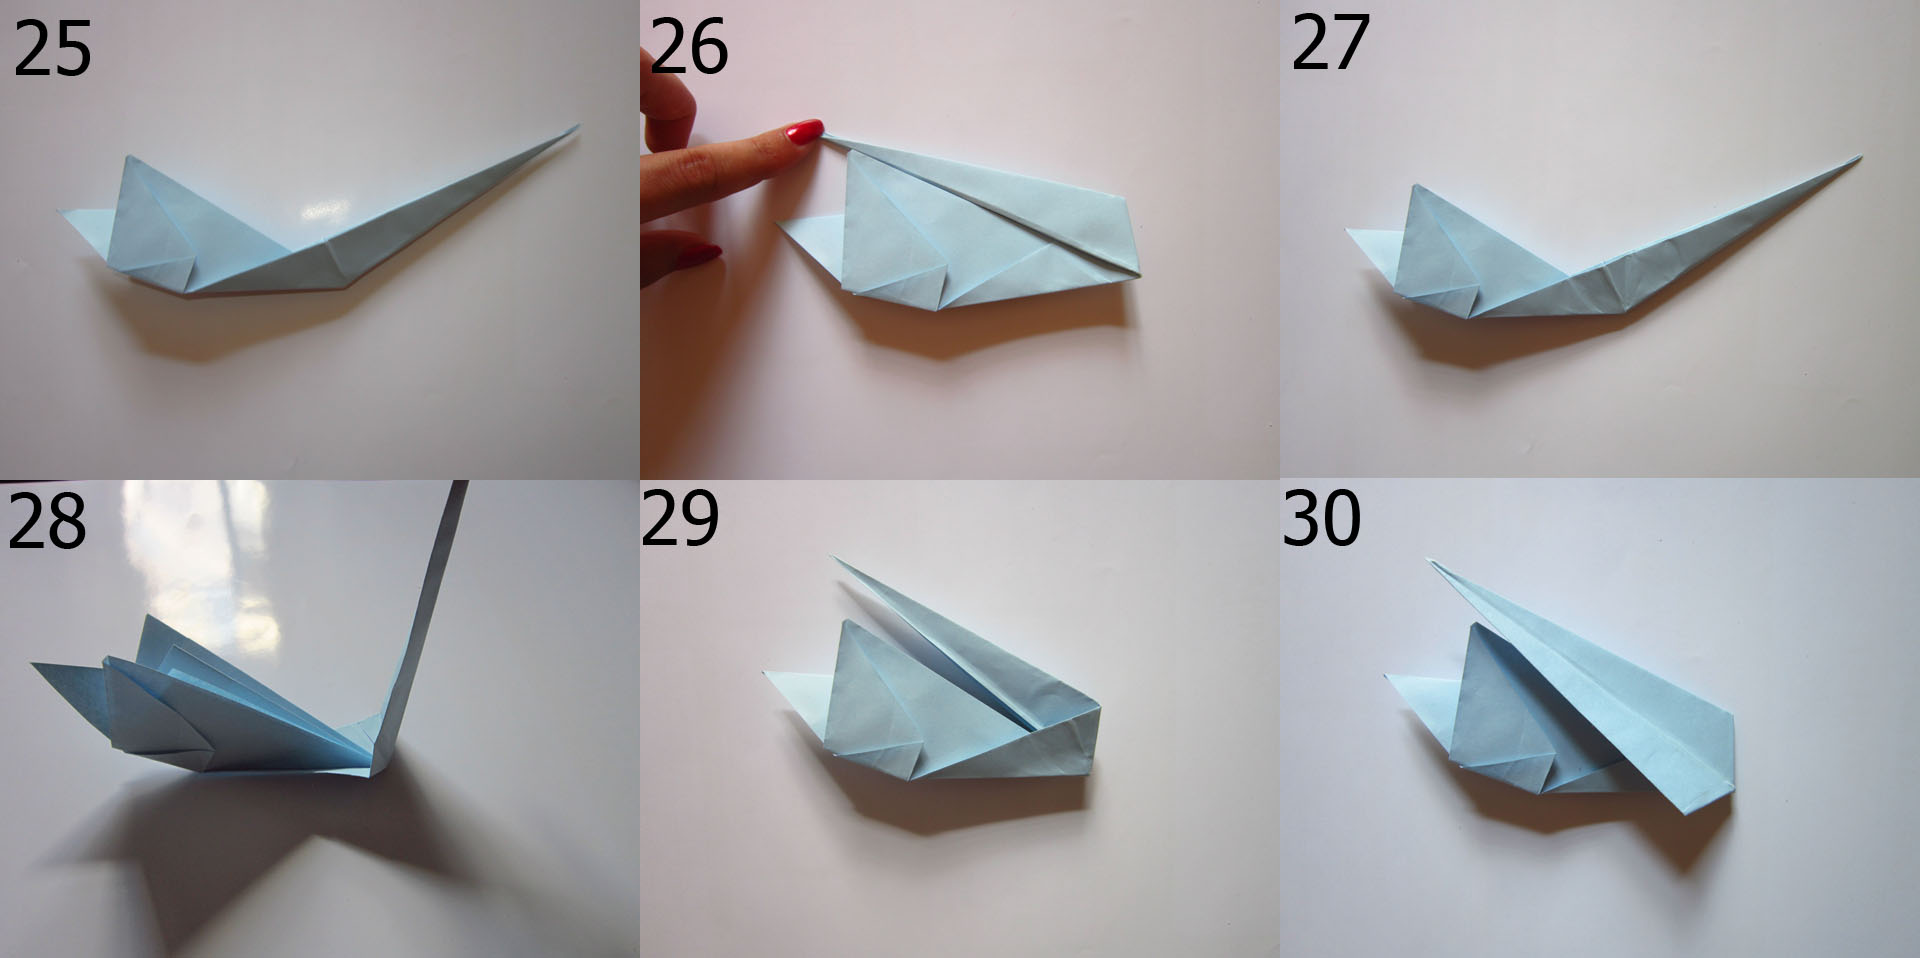 Как сделать оригами из бумаги лебедя